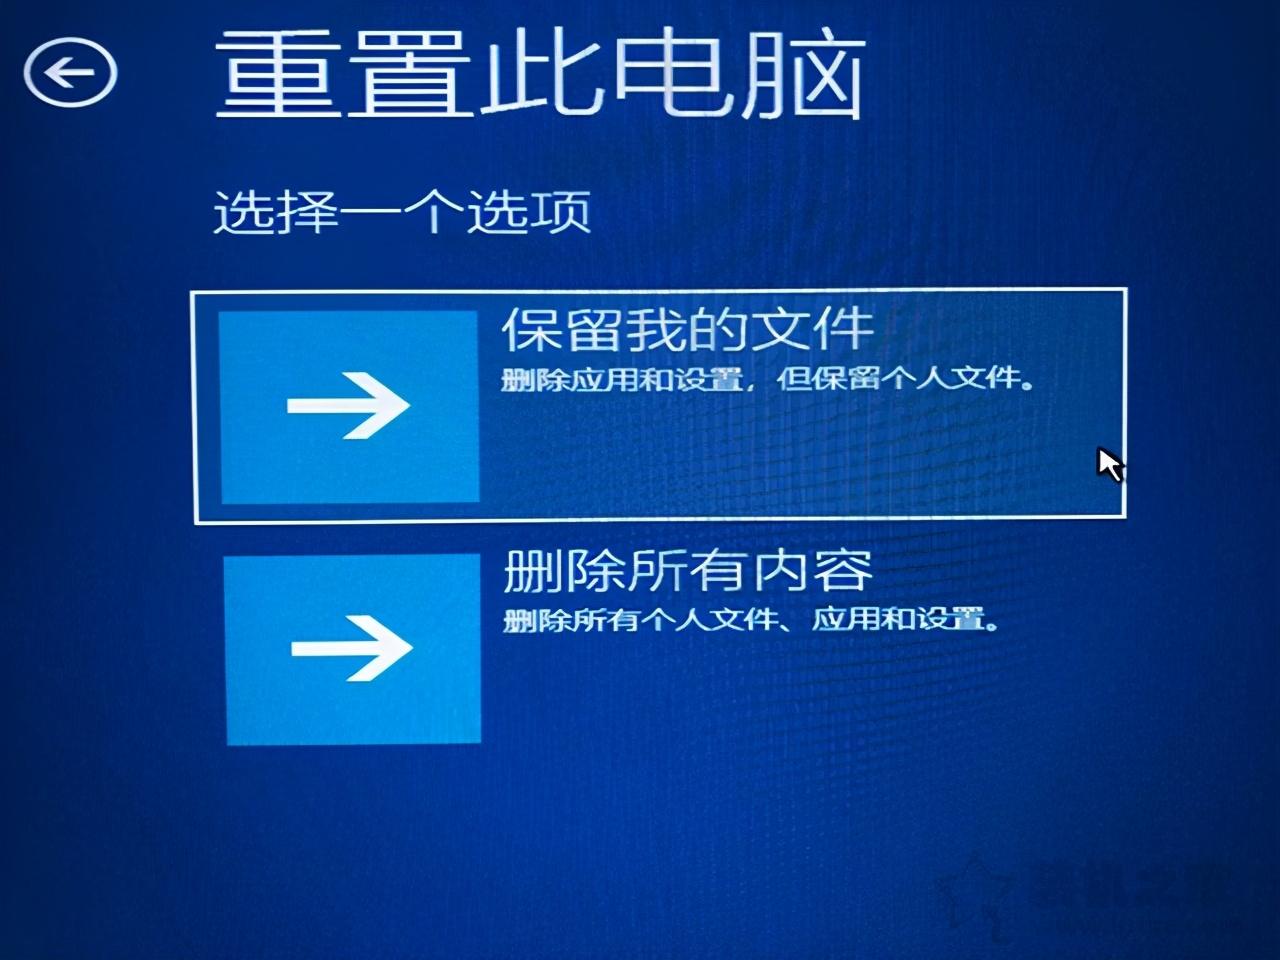 电脑正在准备自动修复(电脑一直循环自动修复)